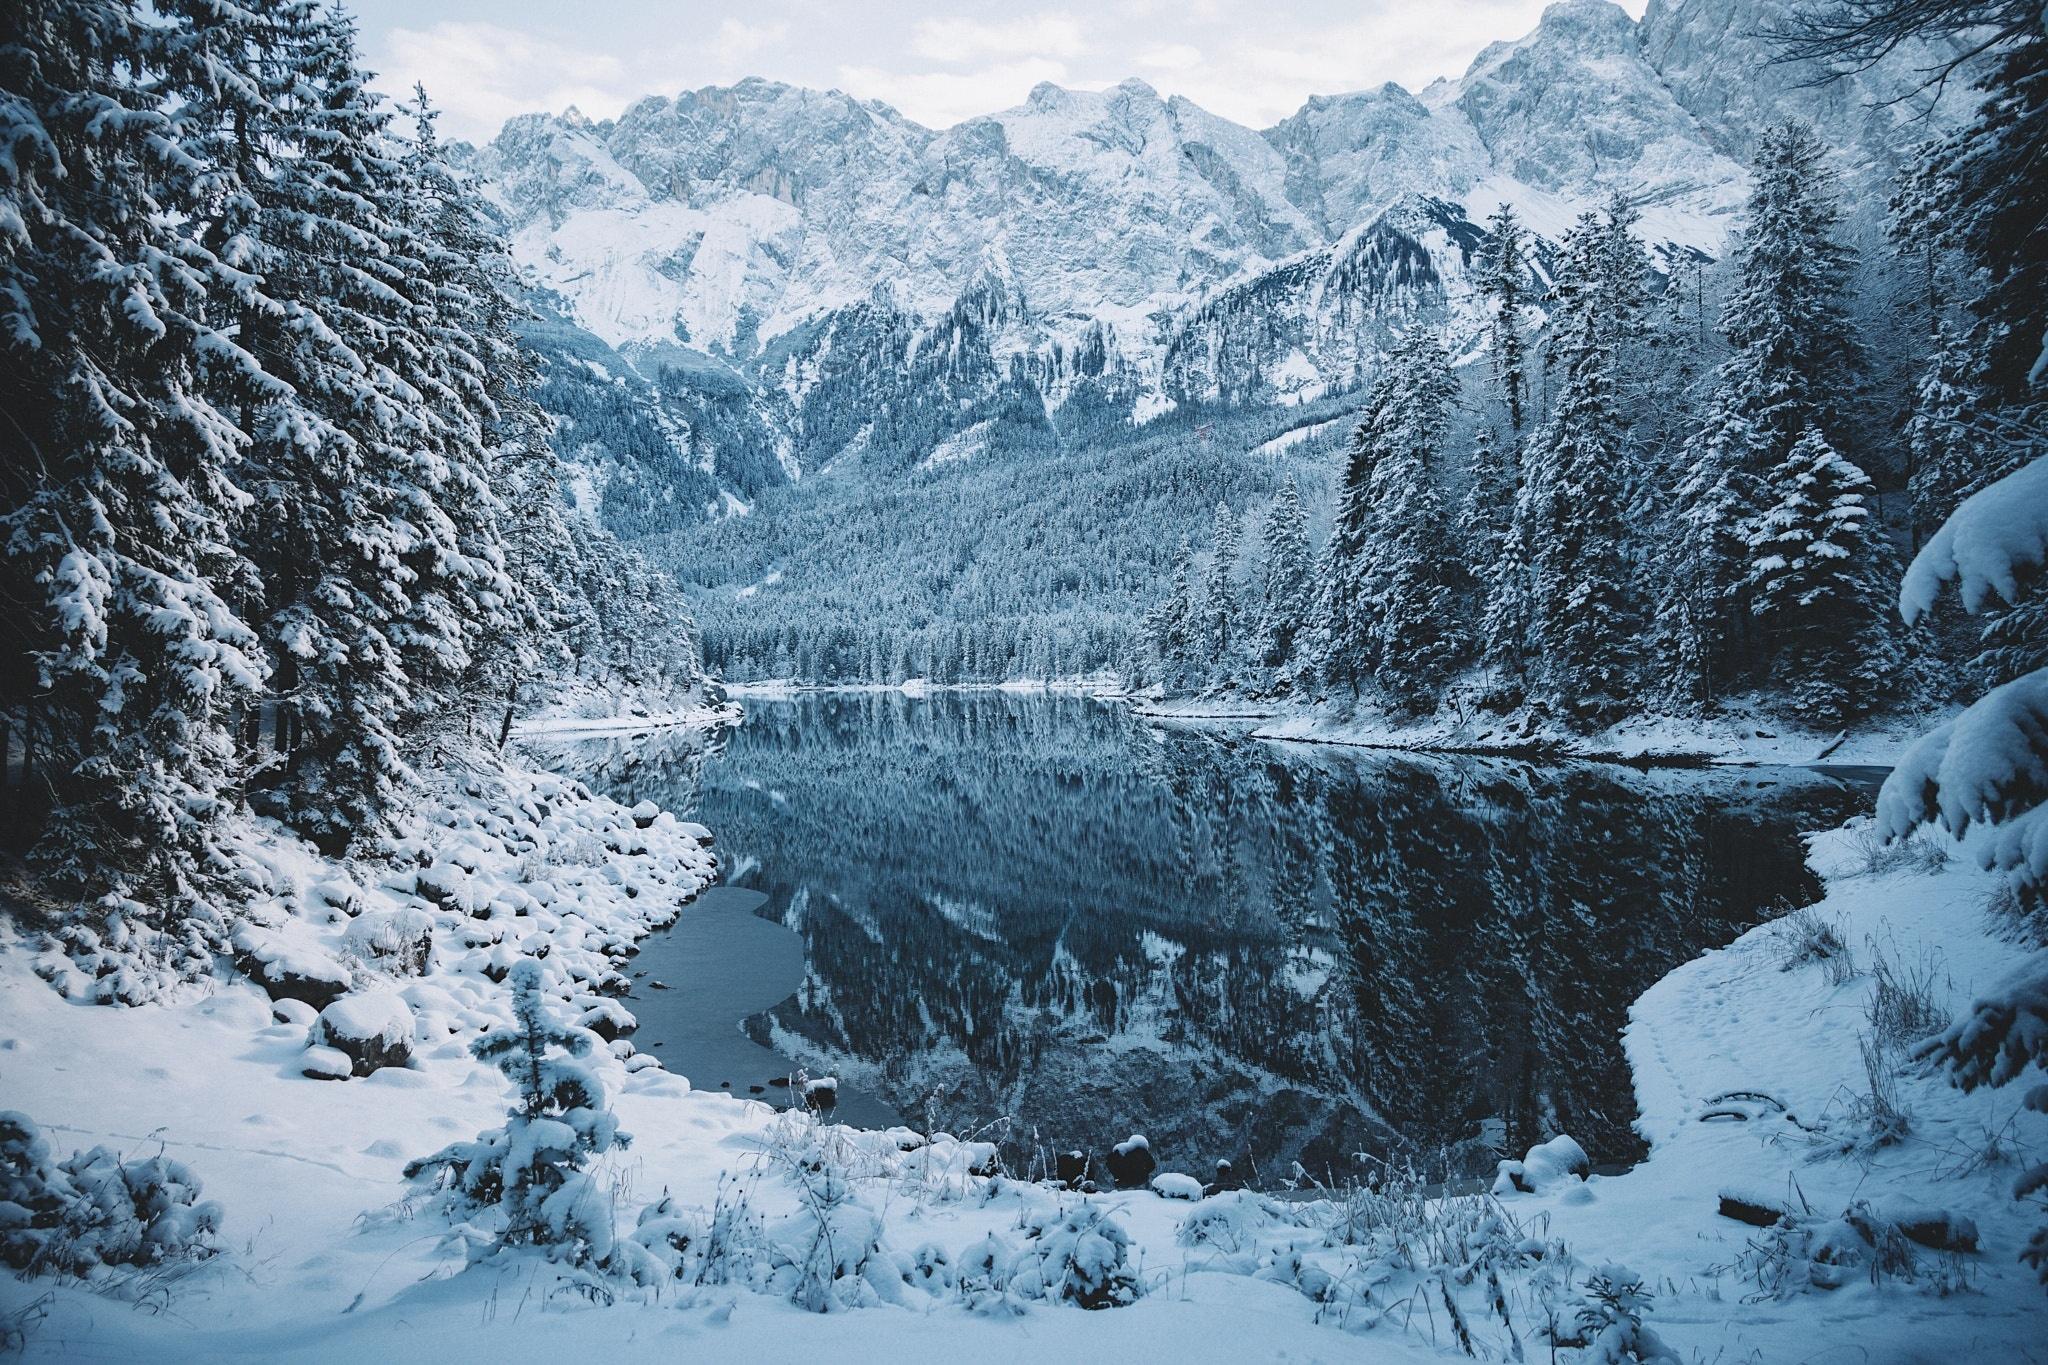 обои на рабочий стол зима в горах с озером № 201929 загрузить